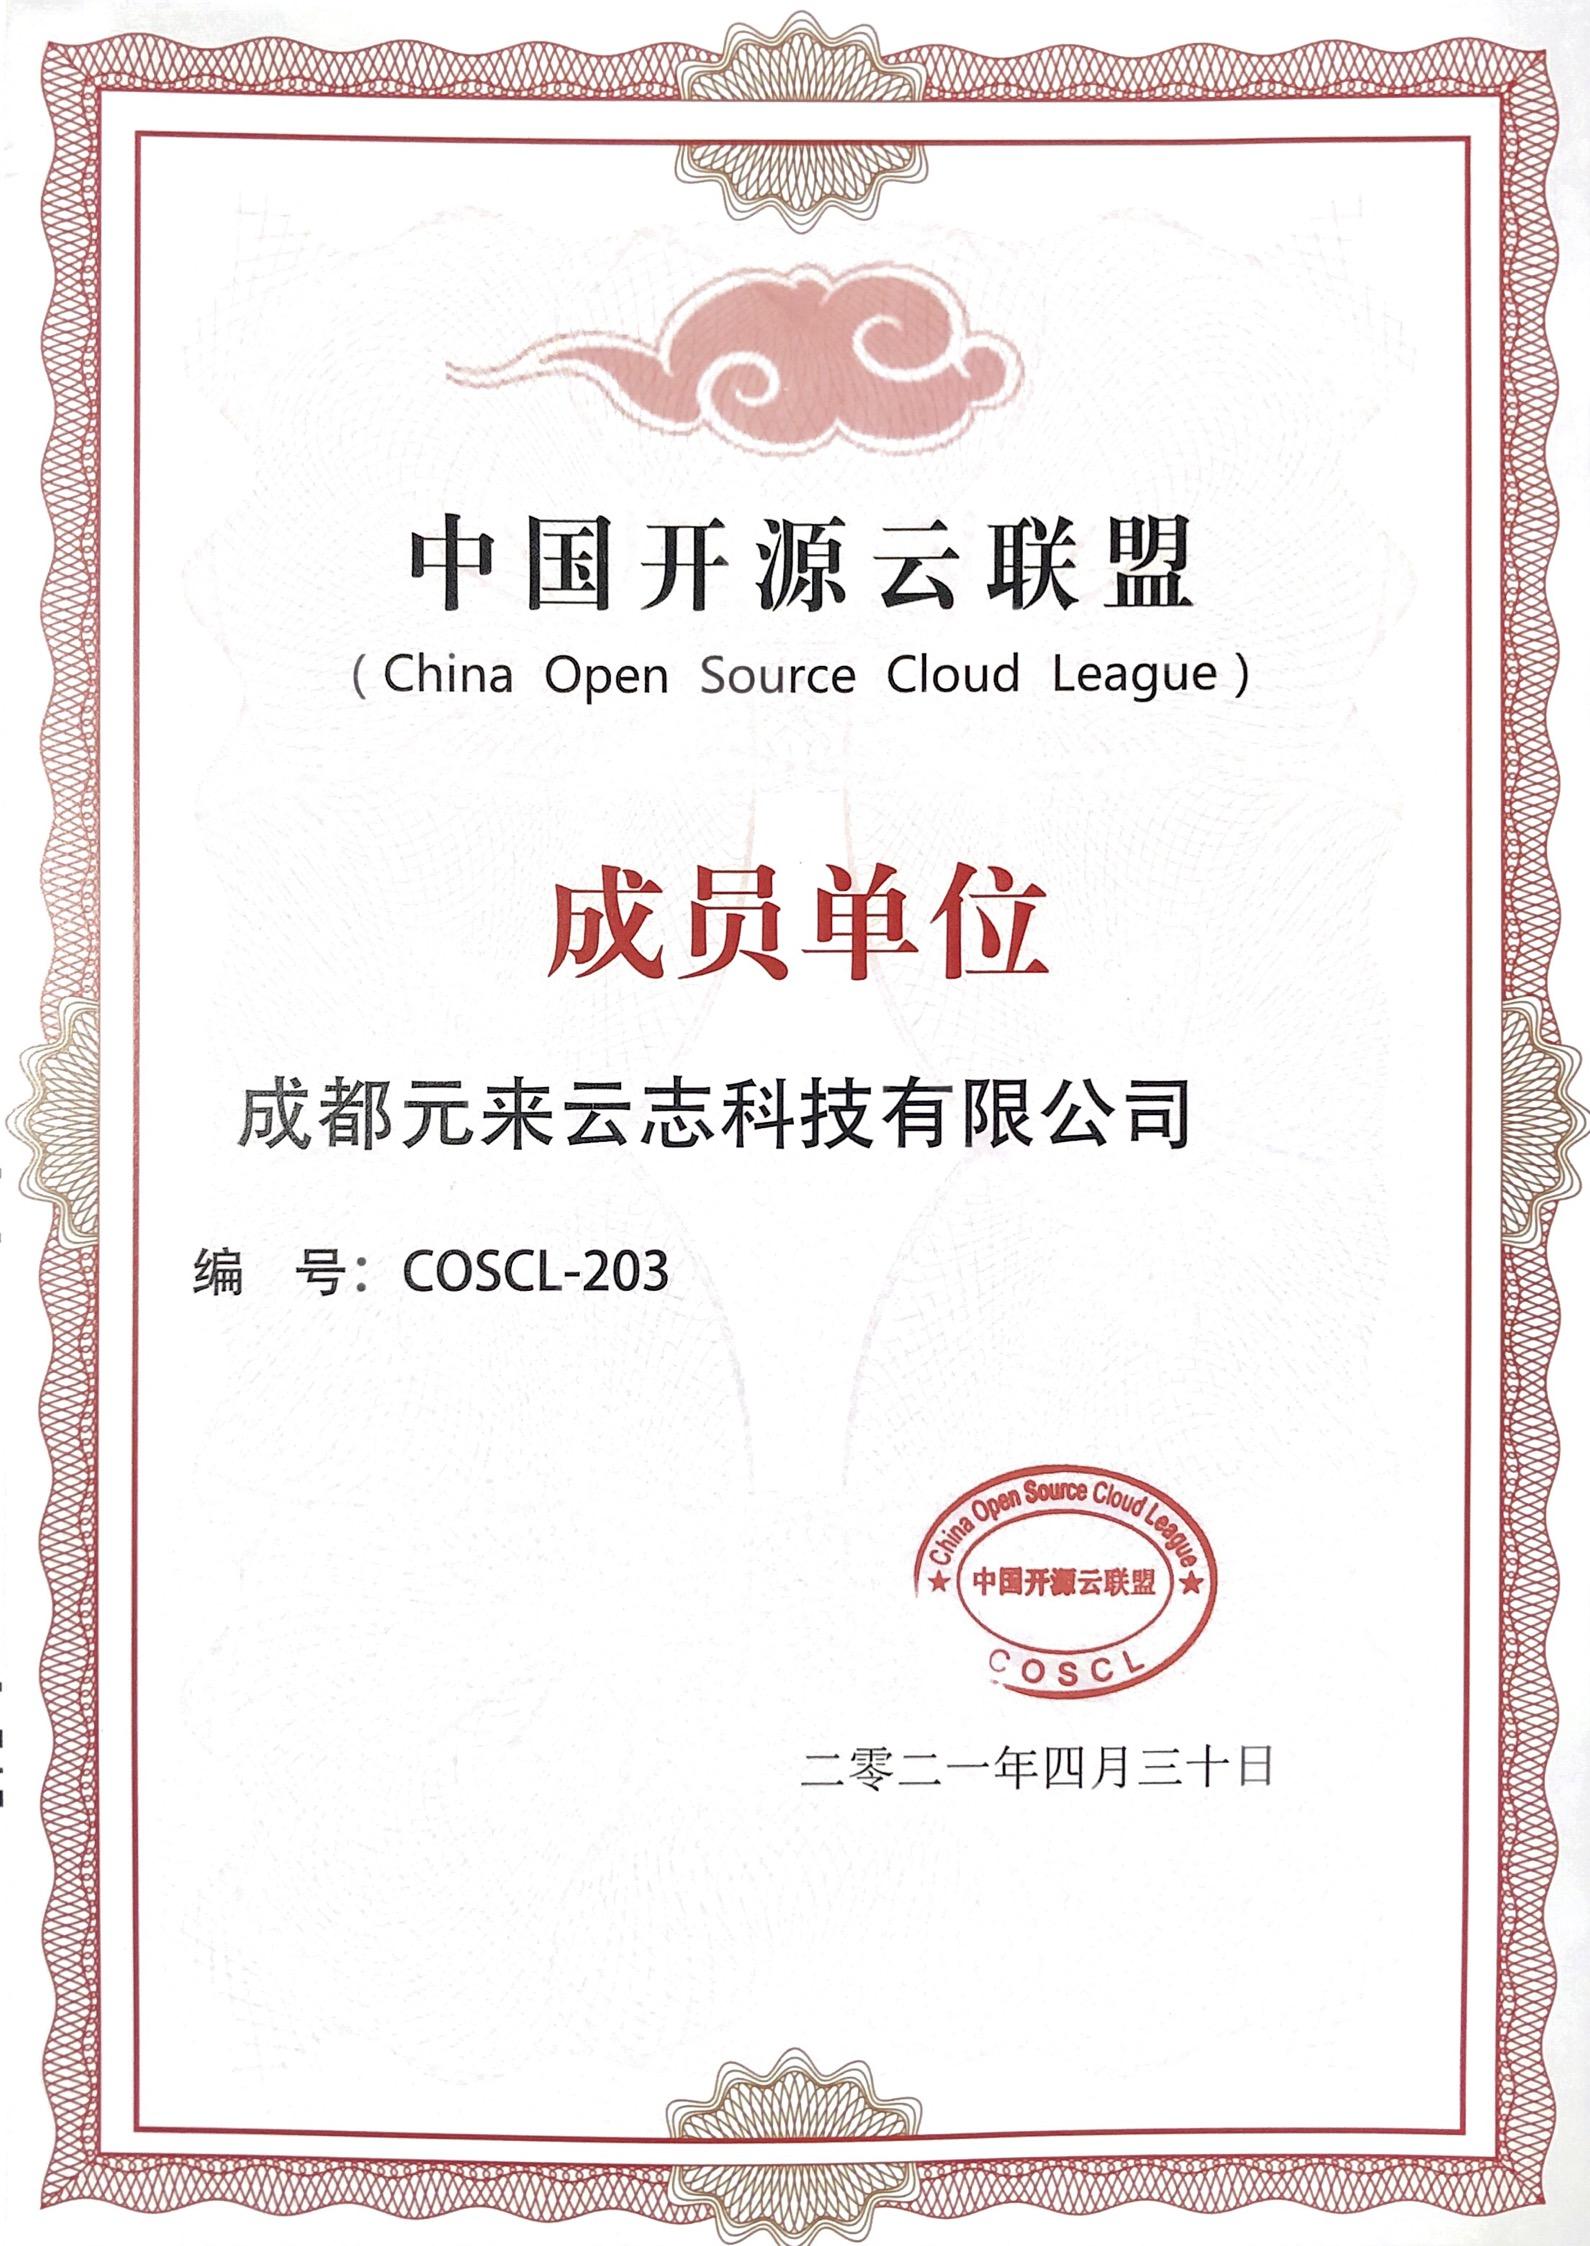 中国开源云联盟—成员单位.jpg